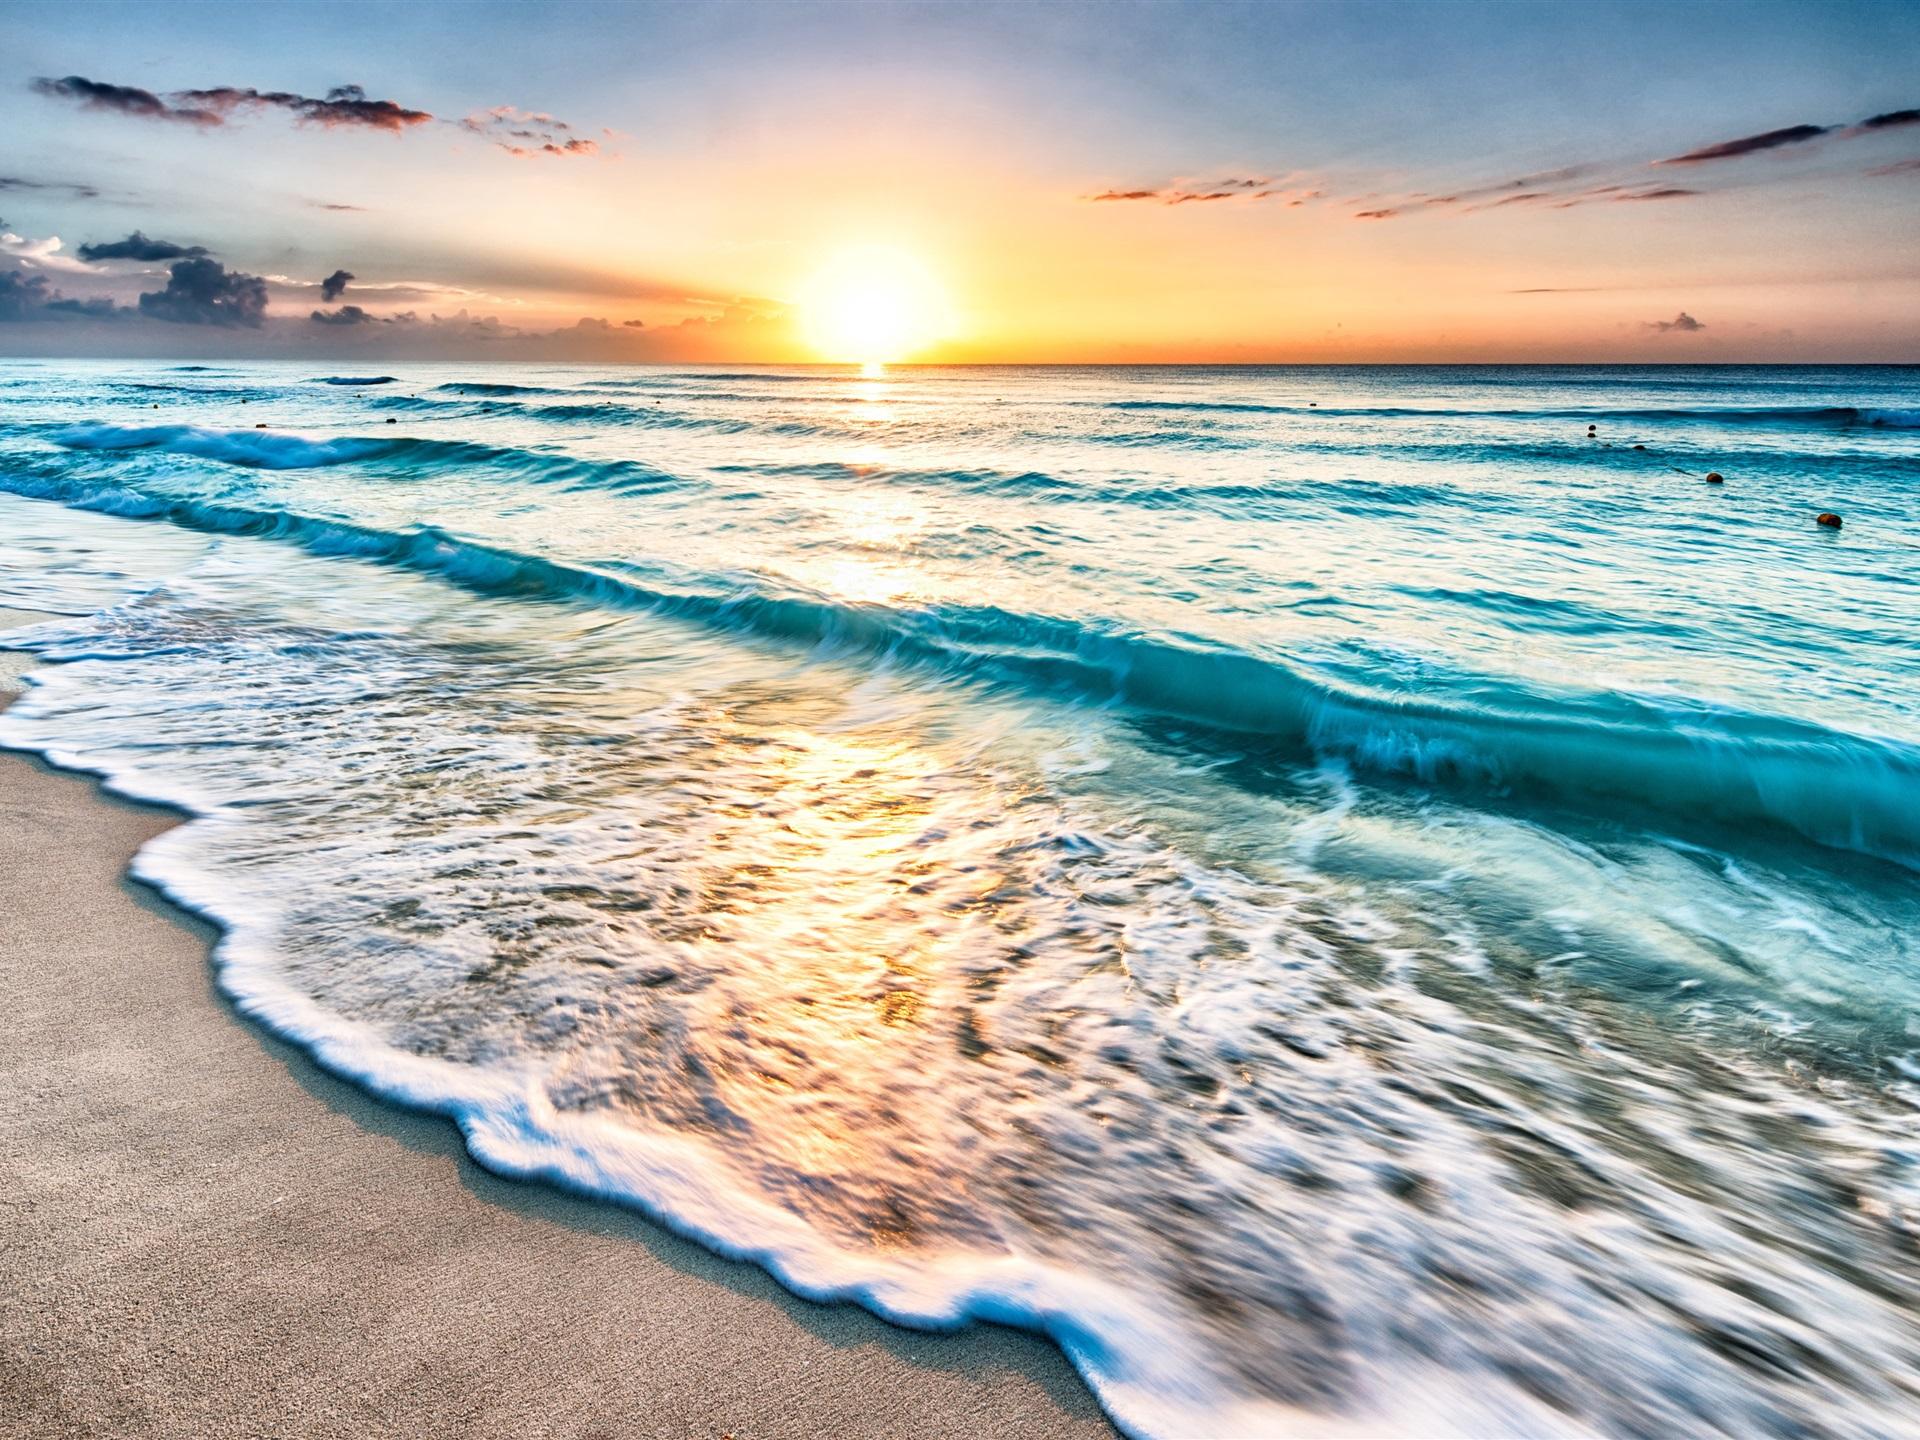 Открытки с ласковым морем